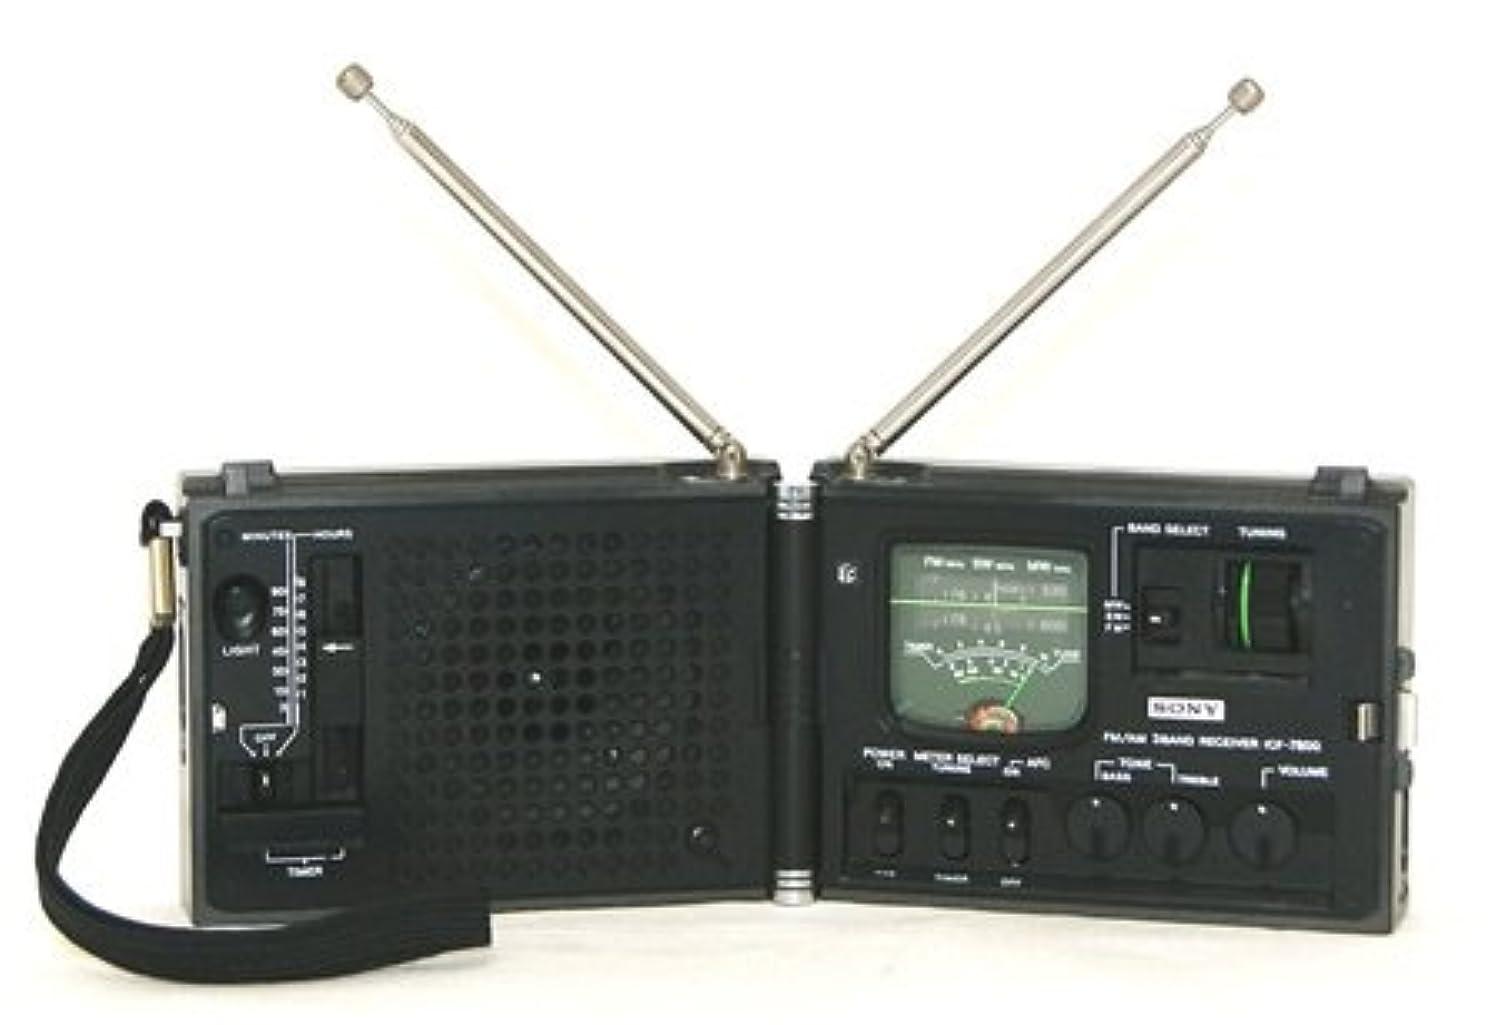 欠伸書誌スカートSONY ソニー ICF-7800 Newscaster ニュースキャスター FM/MW/SW 3バンド ハイ?コンパクト?レシーバー